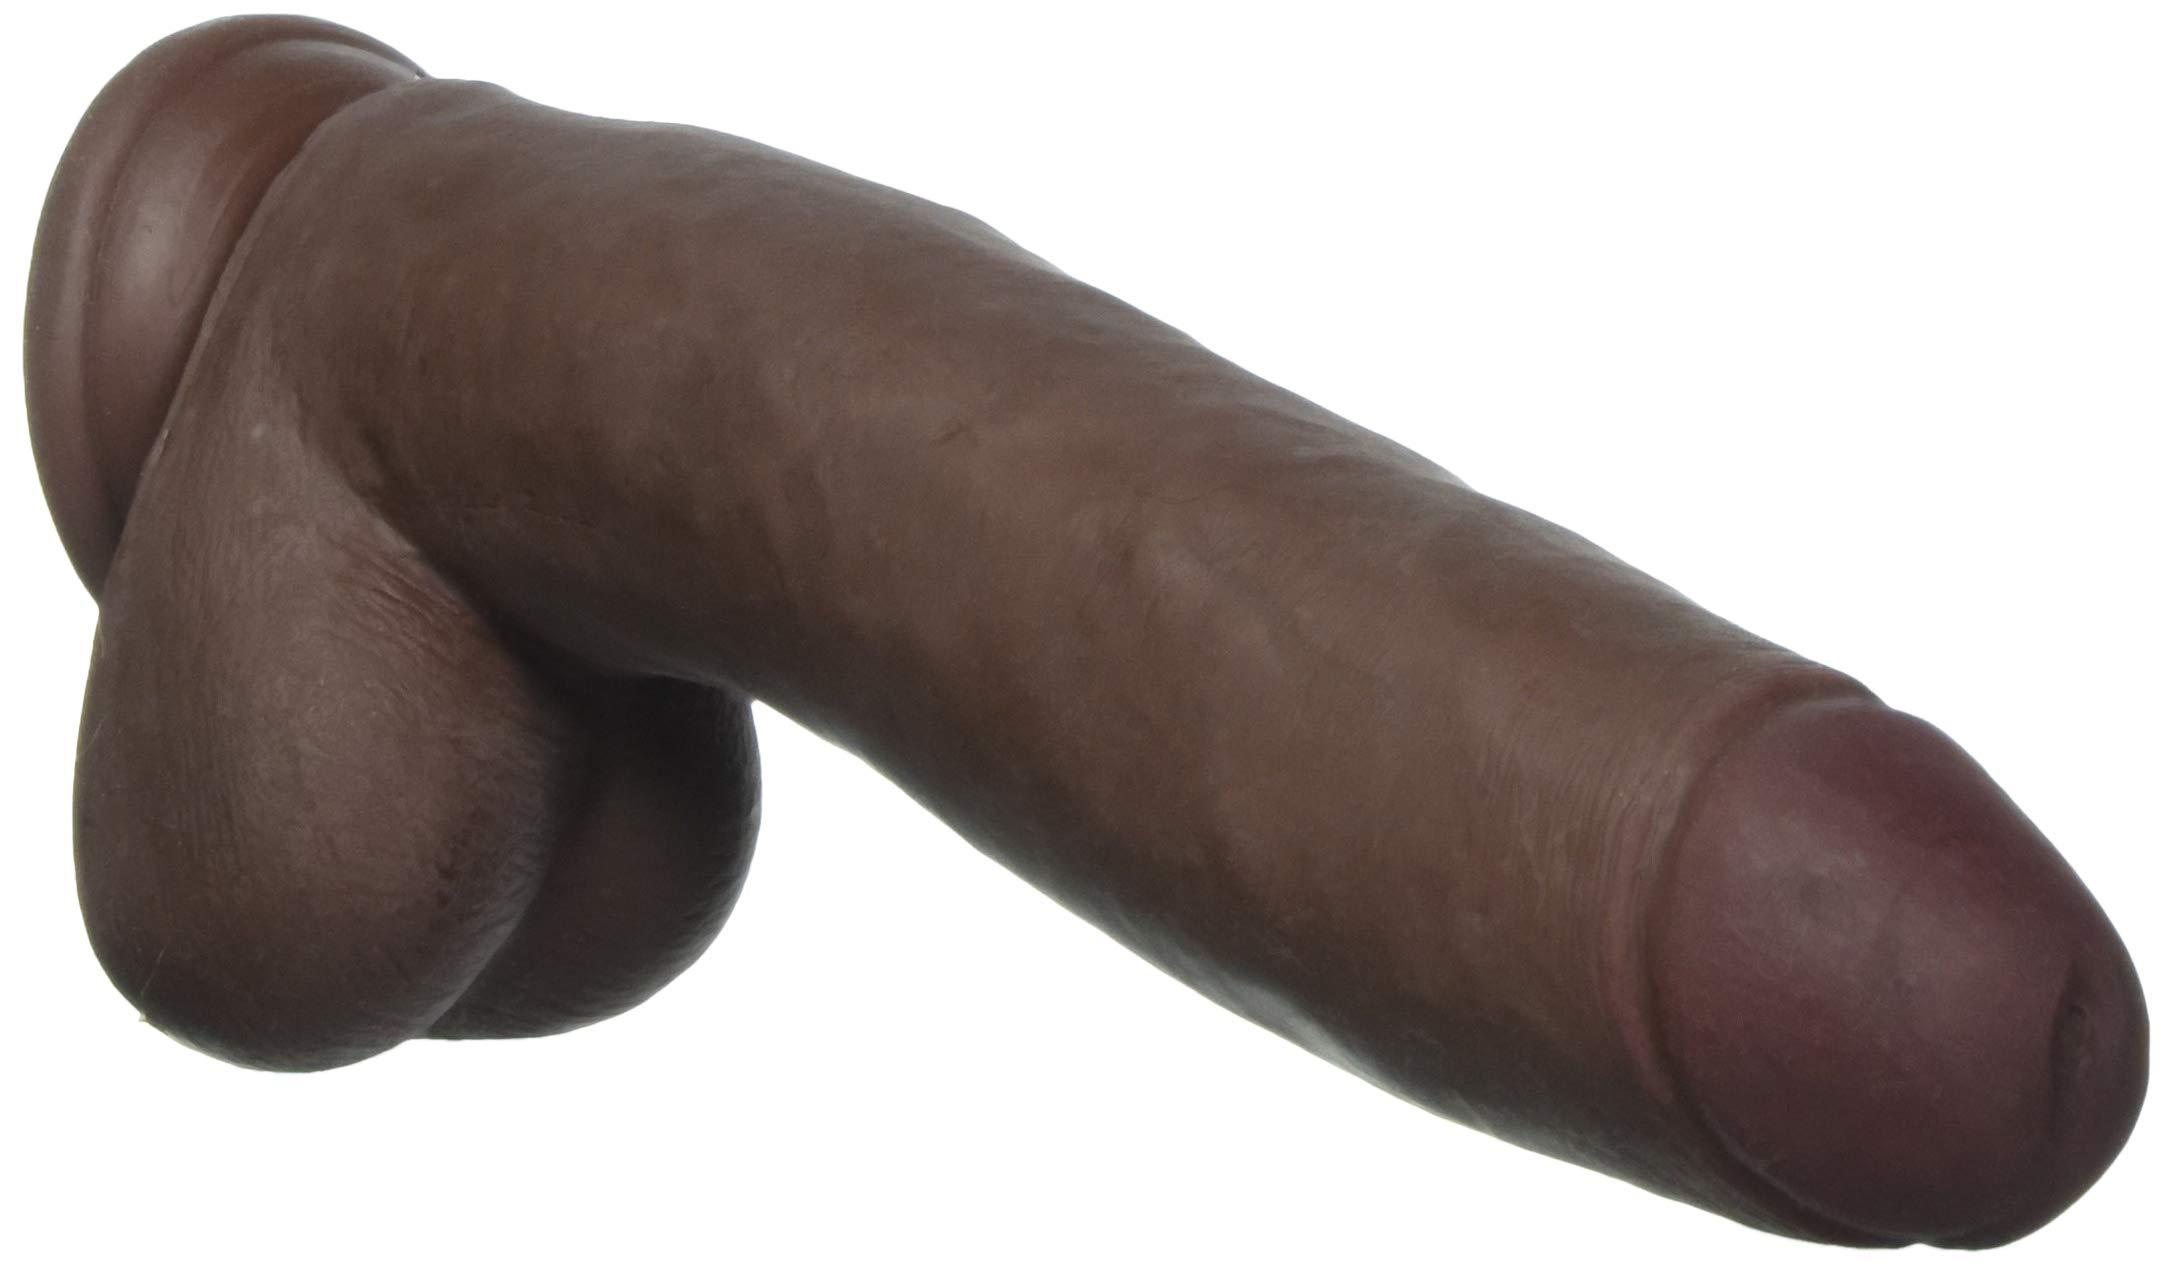 Amazon.com: True Touch Terrance Bbc Skintech Realistic Dildo, 11 Inch:  Health & Personal Care